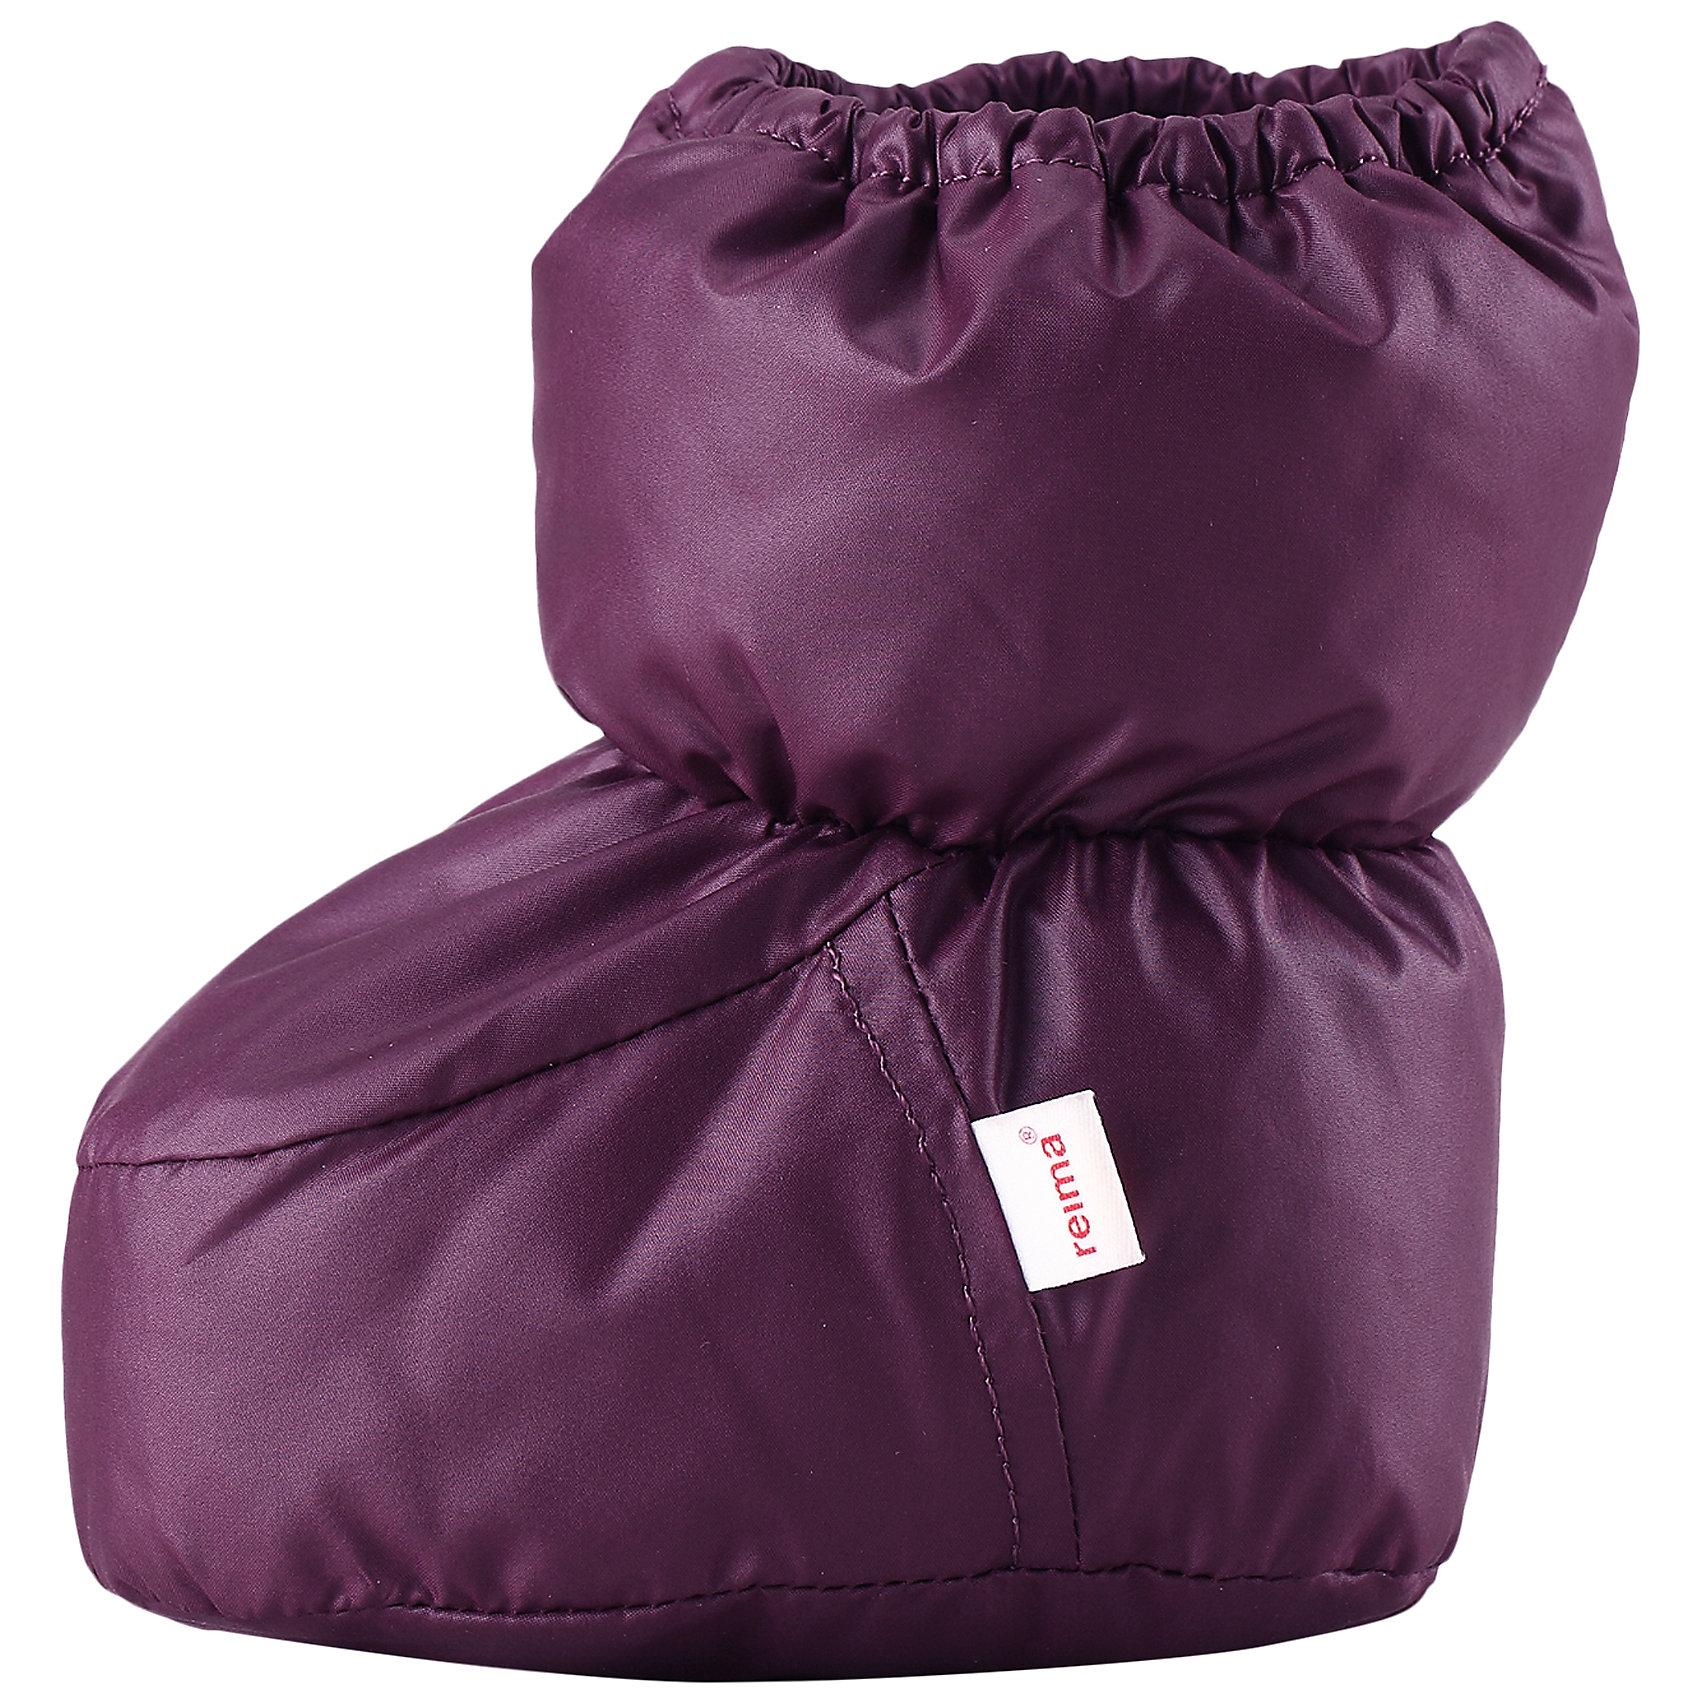 Пинетки Uskallus для девочки ReimaПинетки и царапки<br>Пинетки  Reima<br>Пинетки для самых маленьких. Водоотталкивающий, ветронепроницаемый и «дышащий» материал. Мягкая подкладка из хлопка и эластана. Легкая степень утепления. Логотип Reima® сбоку.<br>Утеплитель: Reima® Comfortinsulation,80 g<br>Уход:<br>Стирать с бельем одинакового цвета, вывернув наизнанку. Стирать моющим средством, не содержащим отбеливающие вещества. Полоскать без специального средства. Сушить при низкой температуре. <br>Состав:<br>100% Полиэстер<br><br>Ширина мм: 162<br>Глубина мм: 171<br>Высота мм: 55<br>Вес г: 119<br>Цвет: фиолетовый<br>Возраст от месяцев: 0<br>Возраст до месяцев: 12<br>Пол: Женский<br>Возраст: Детский<br>Размер: 0,1<br>SKU: 4775646